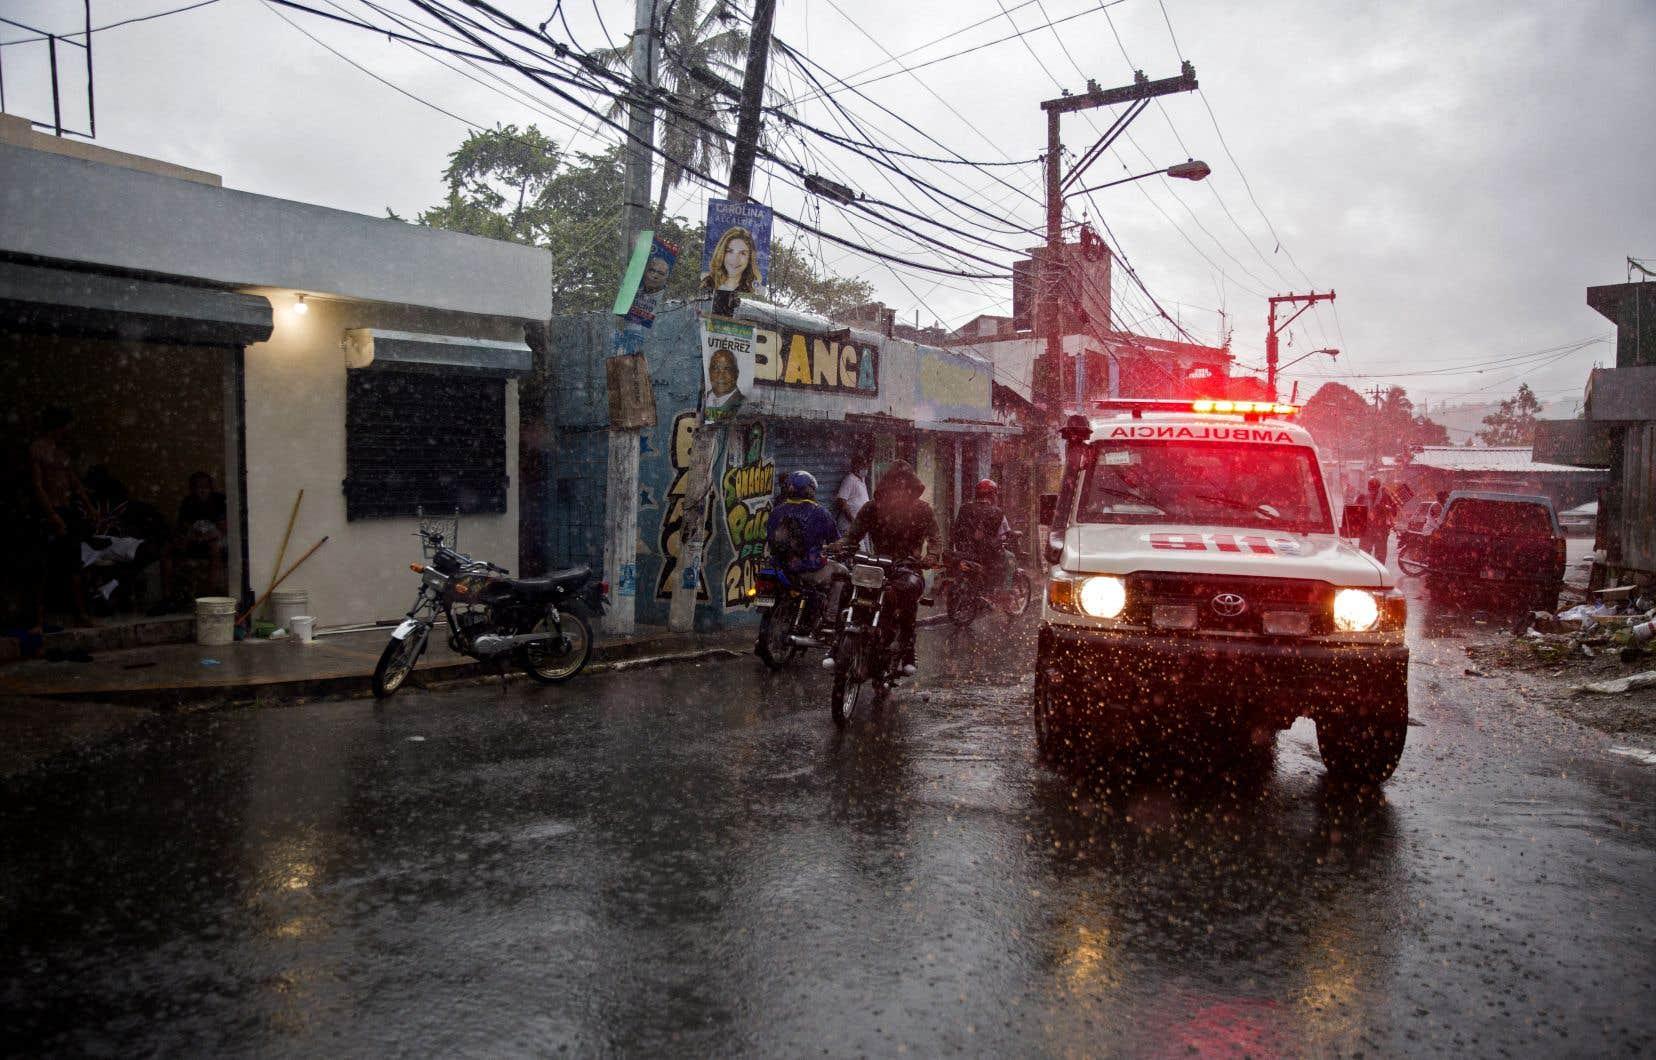 La tempête a provoqué des inondations et privé d'électricité plus d'un million de personnes en République dominicaine.